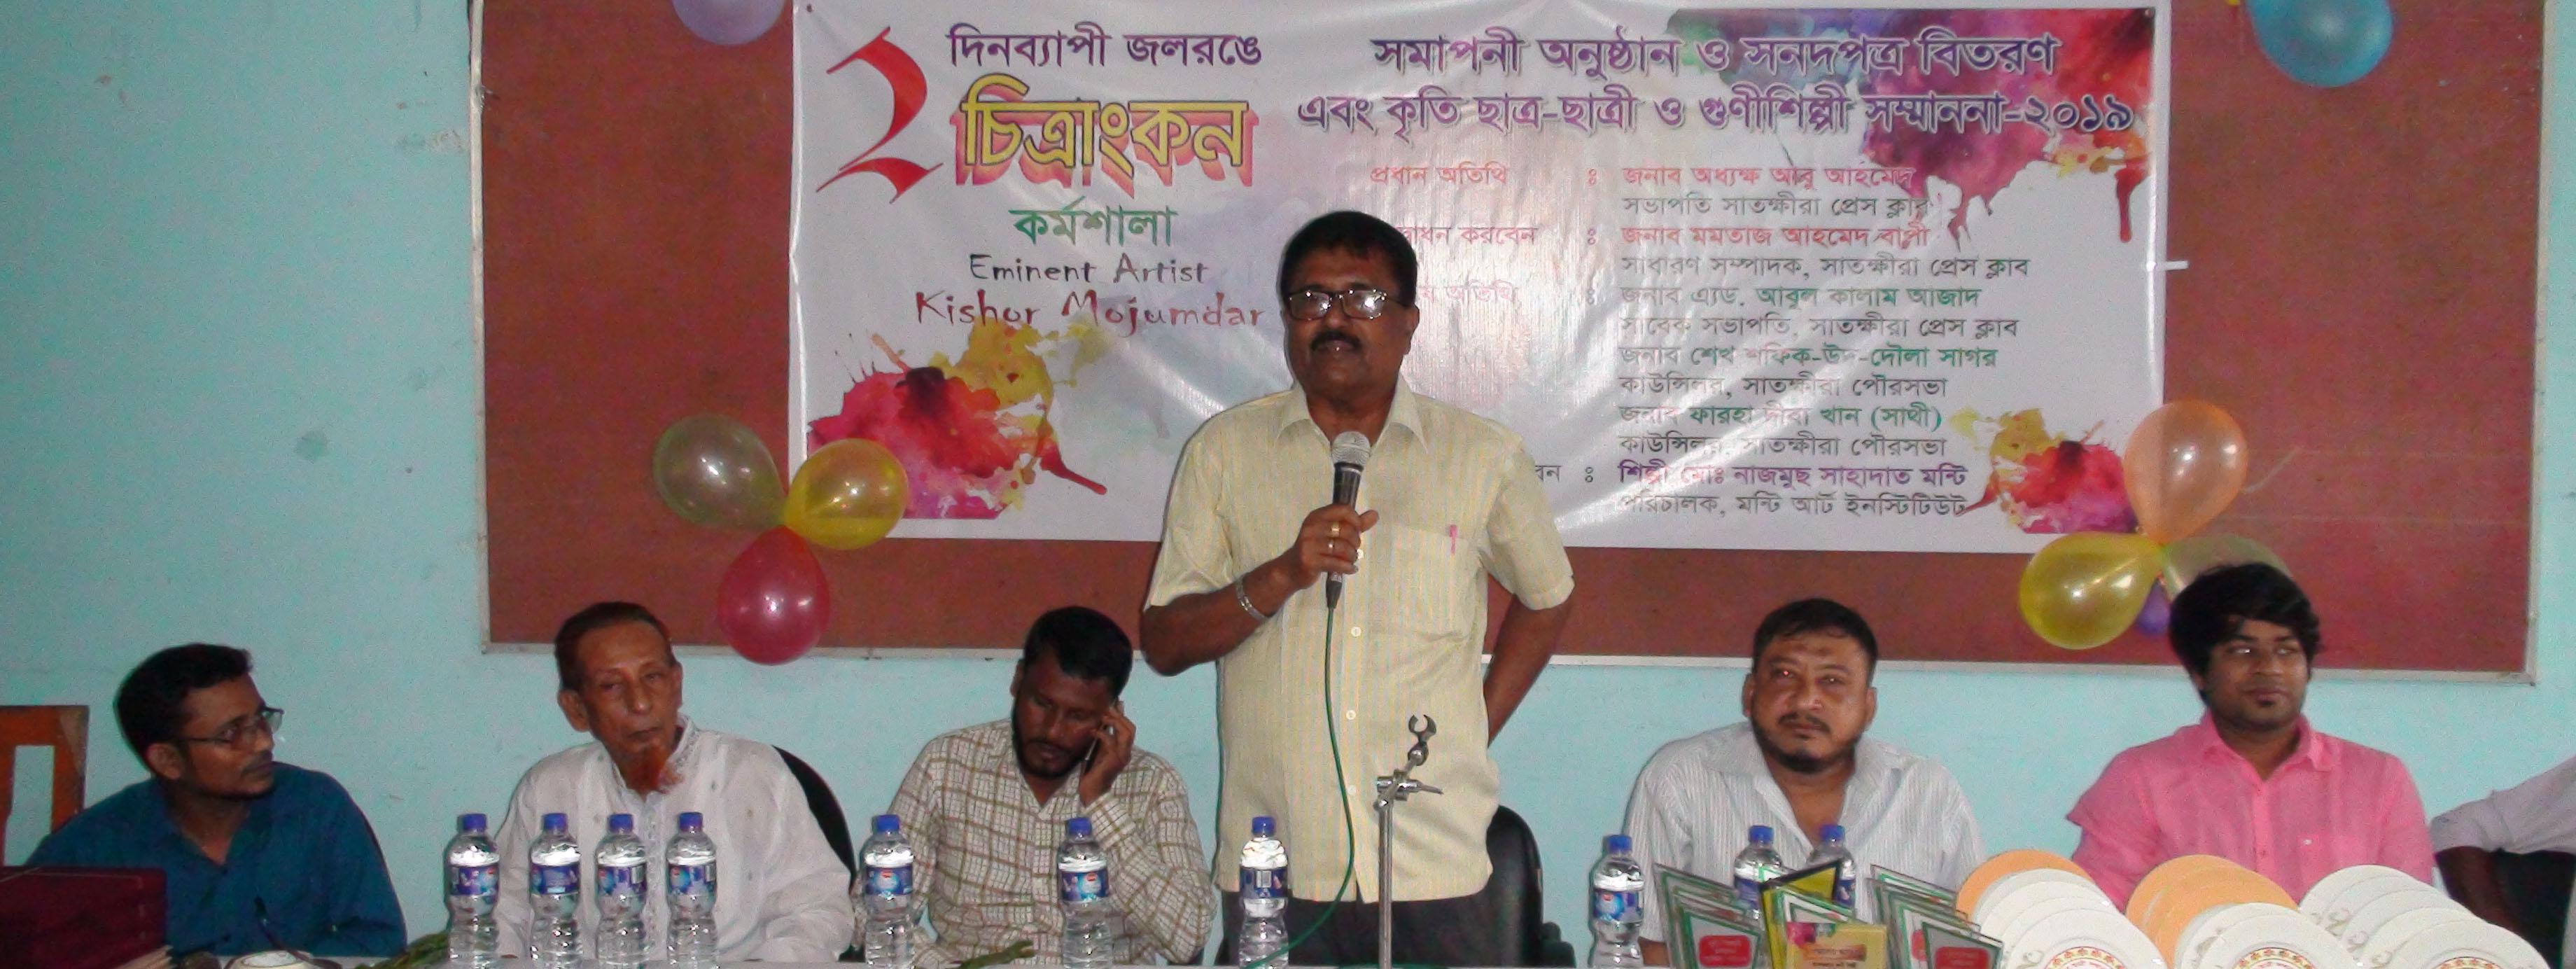 দু'দিনব্যাপী জলরঙে চিত্রাংকন প্রশিক্ষণ কর্মশালা